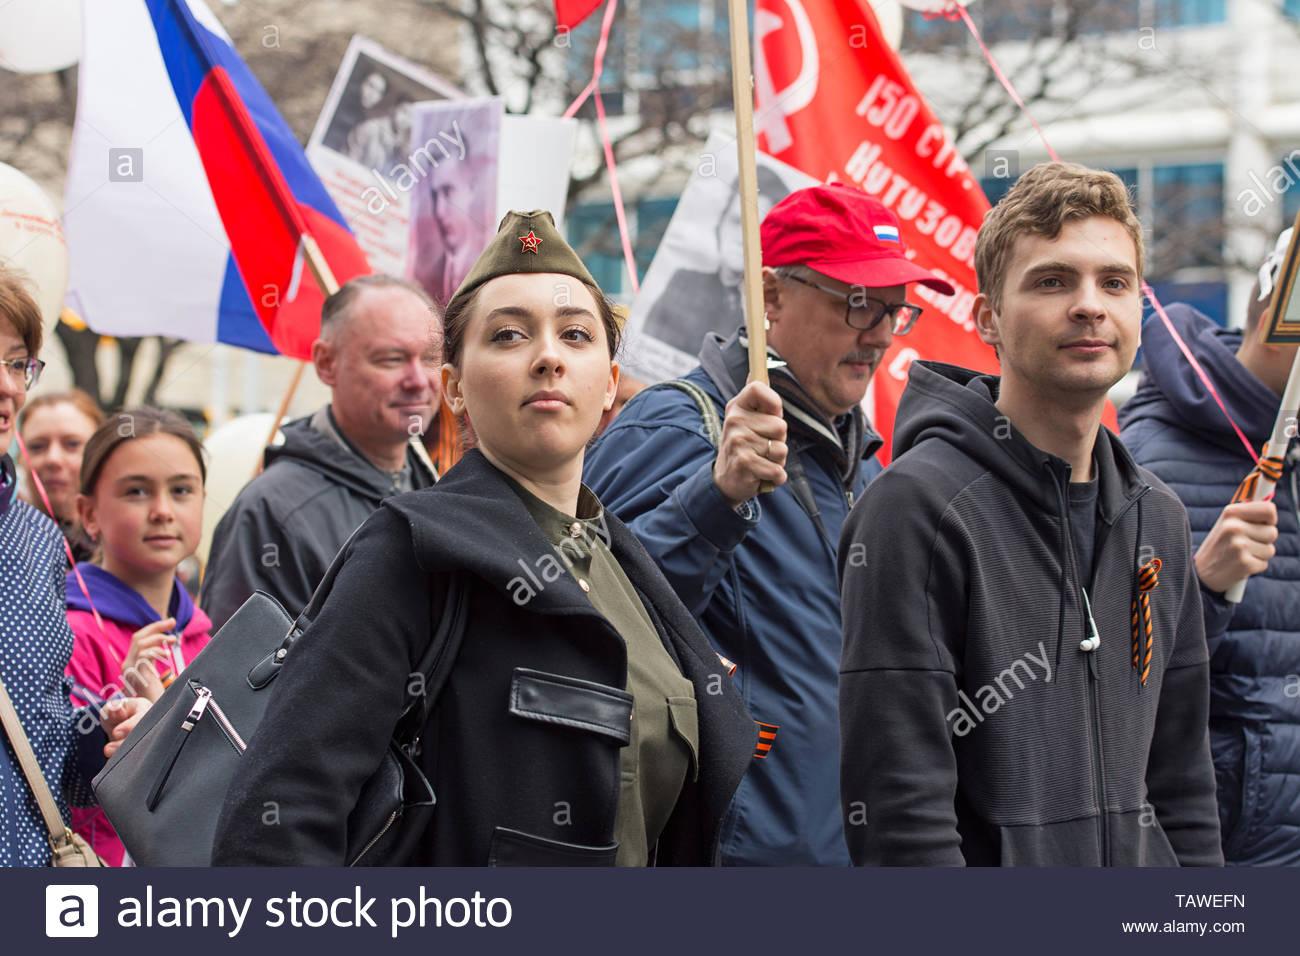 Menschen mit Fahnen und Portraits von Verwandten, die im Zweiten Weltkrieg gekämpft in der Unsterblichen Regiment März, Toronto, Kanada, 4. Mai 2019 teilnehmen Stockbild